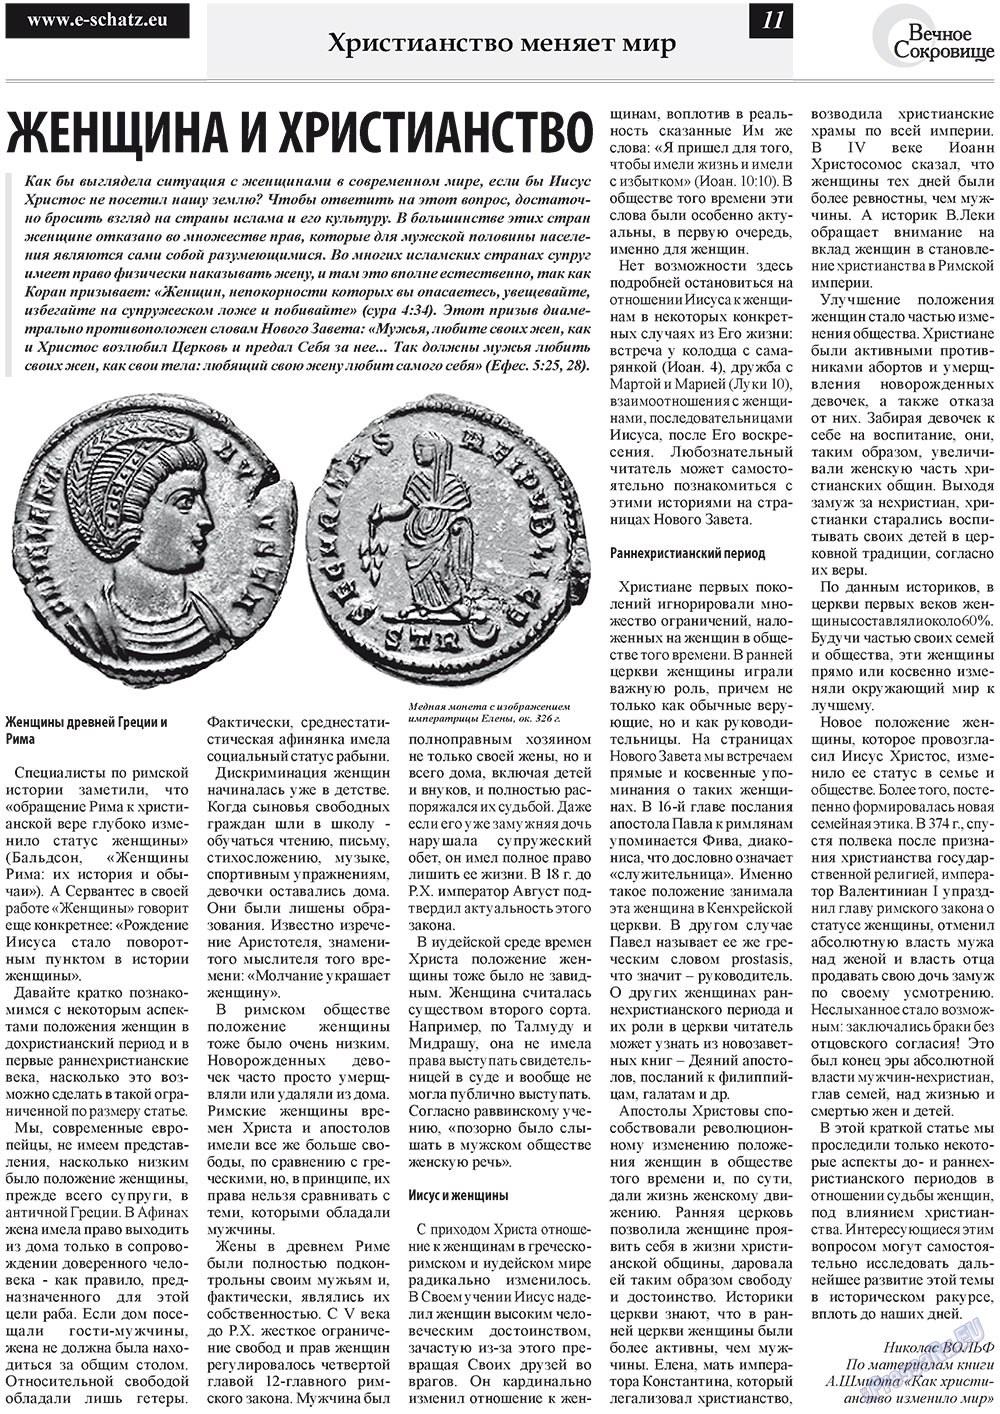 Вечное сокровище (газета). 2011 год, номер 4, стр. 11